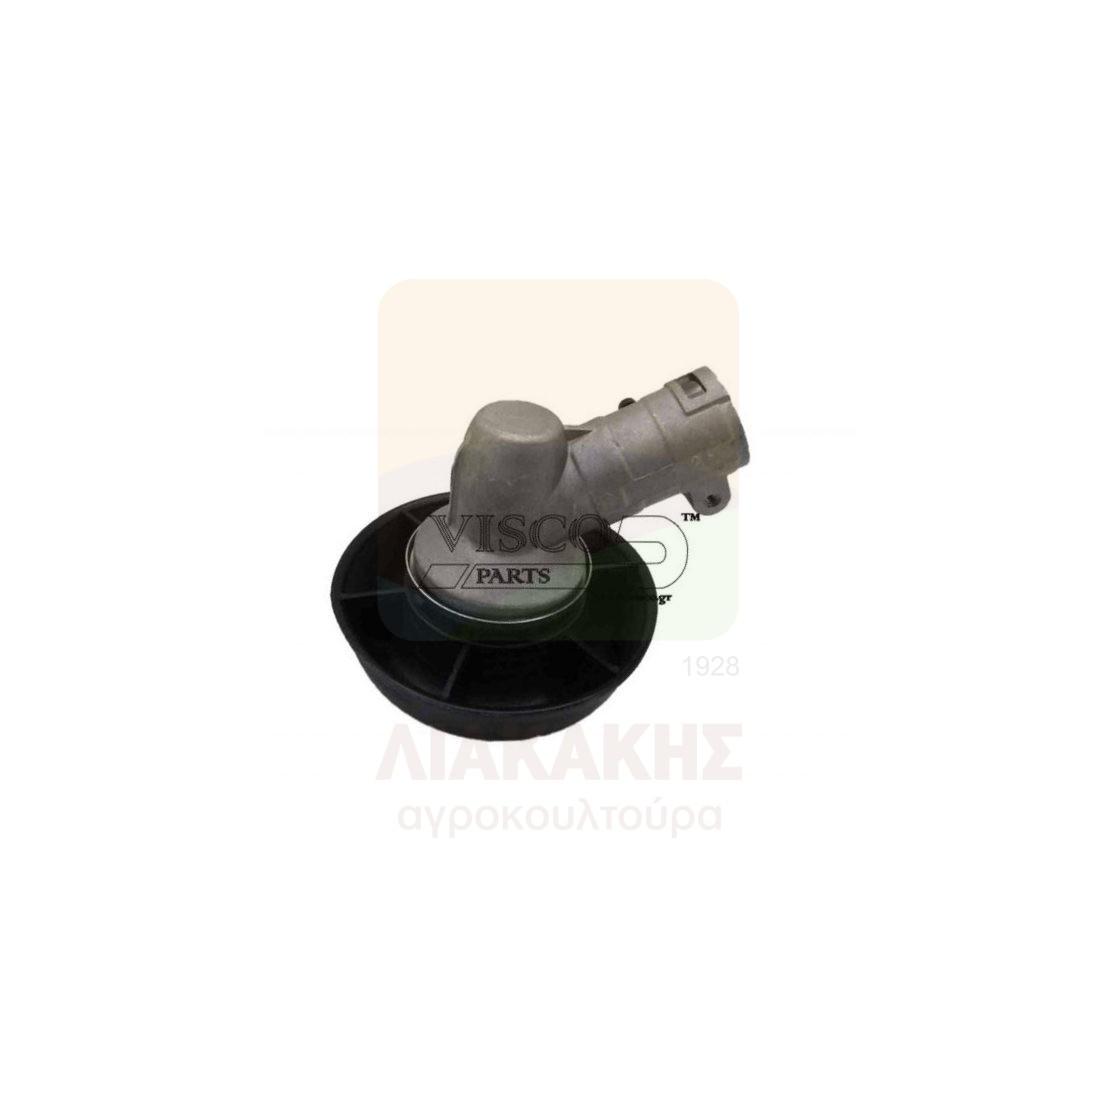 ΓΚΙ-057 Γωνιακή Κίνηση Κομπλέ HUSQVARNA – JONSERED 125R -125L-125LD-125LDX-128R-128L